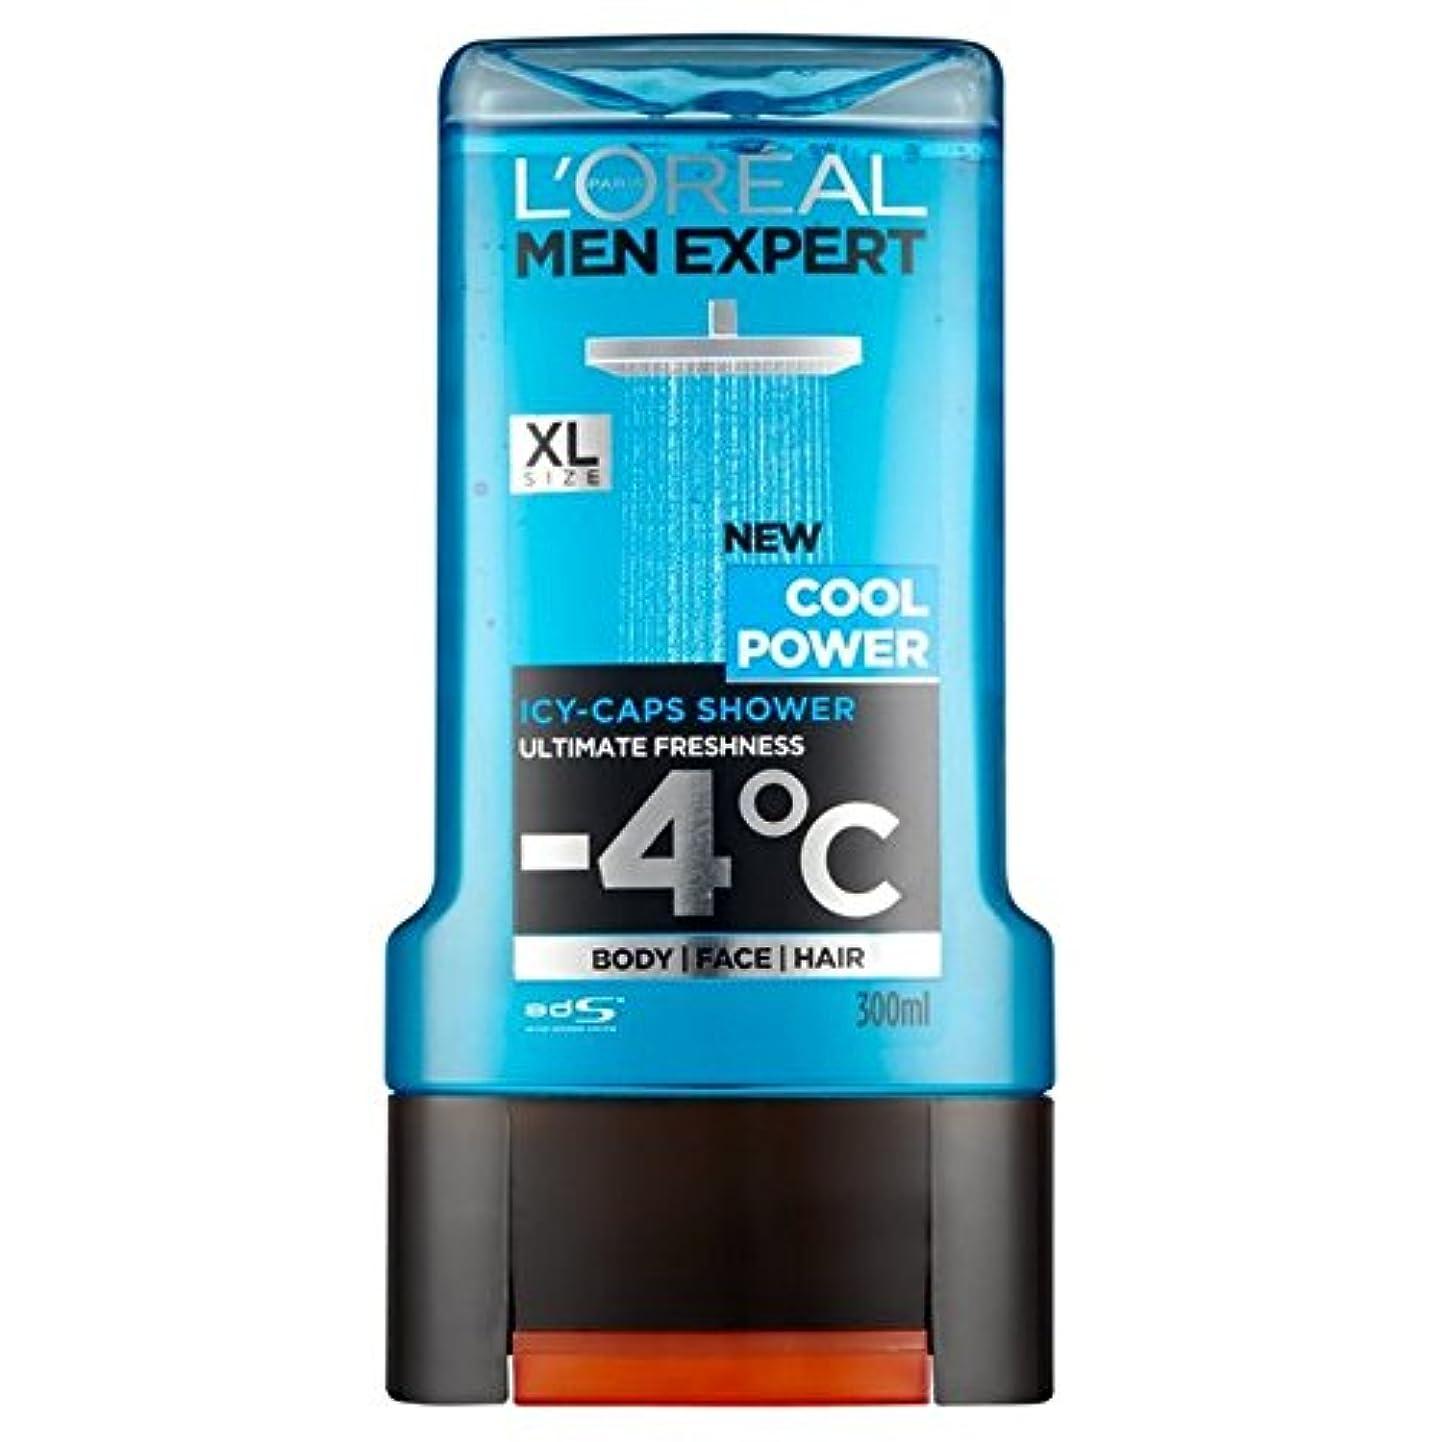 自由乳白花嫁ロレアルパリの男性の専門家のクールなパワーシャワージェル300ミリリットル x2 - L'Oreal Paris Men Expert Cool Power Shower Gel 300ml (Pack of 2) [並行輸入品]